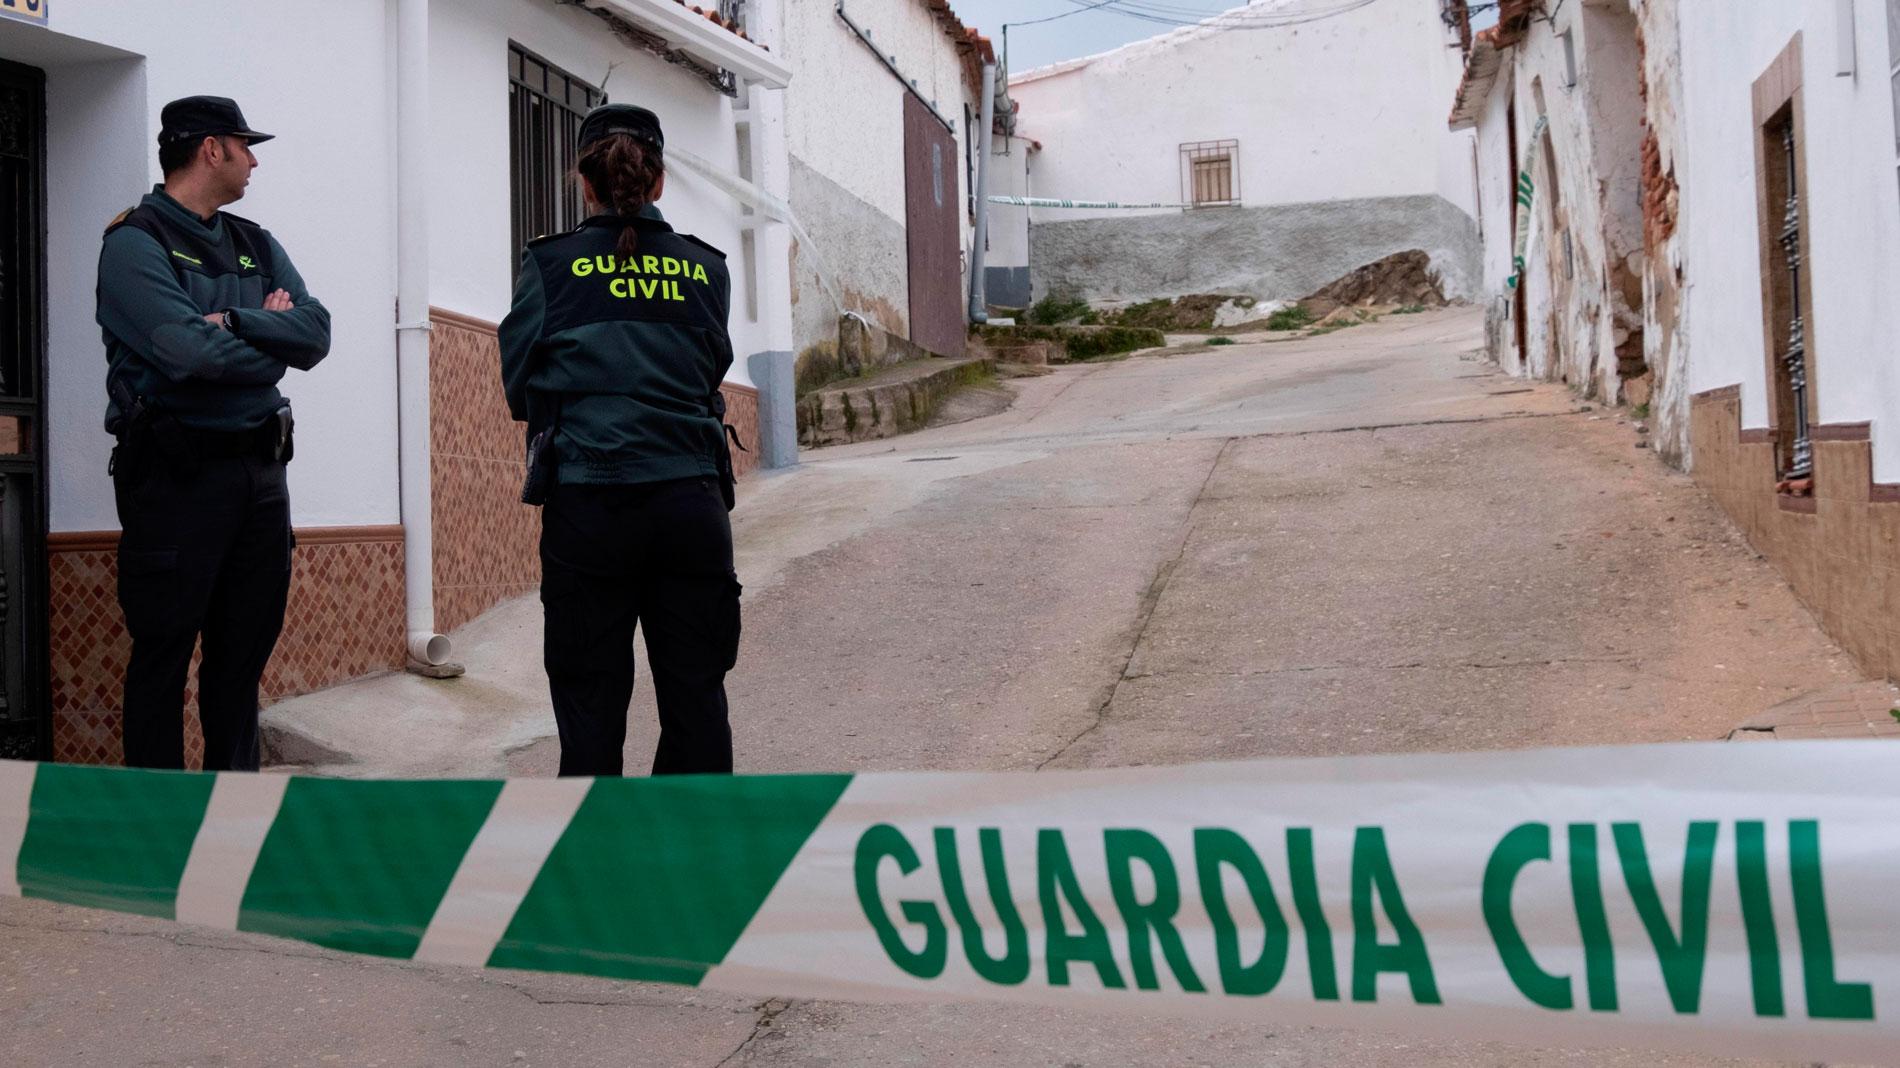 El detenido por la muerte de Laura Luelmo salió de la cárcel en octubre tras ser condenado por asesinato